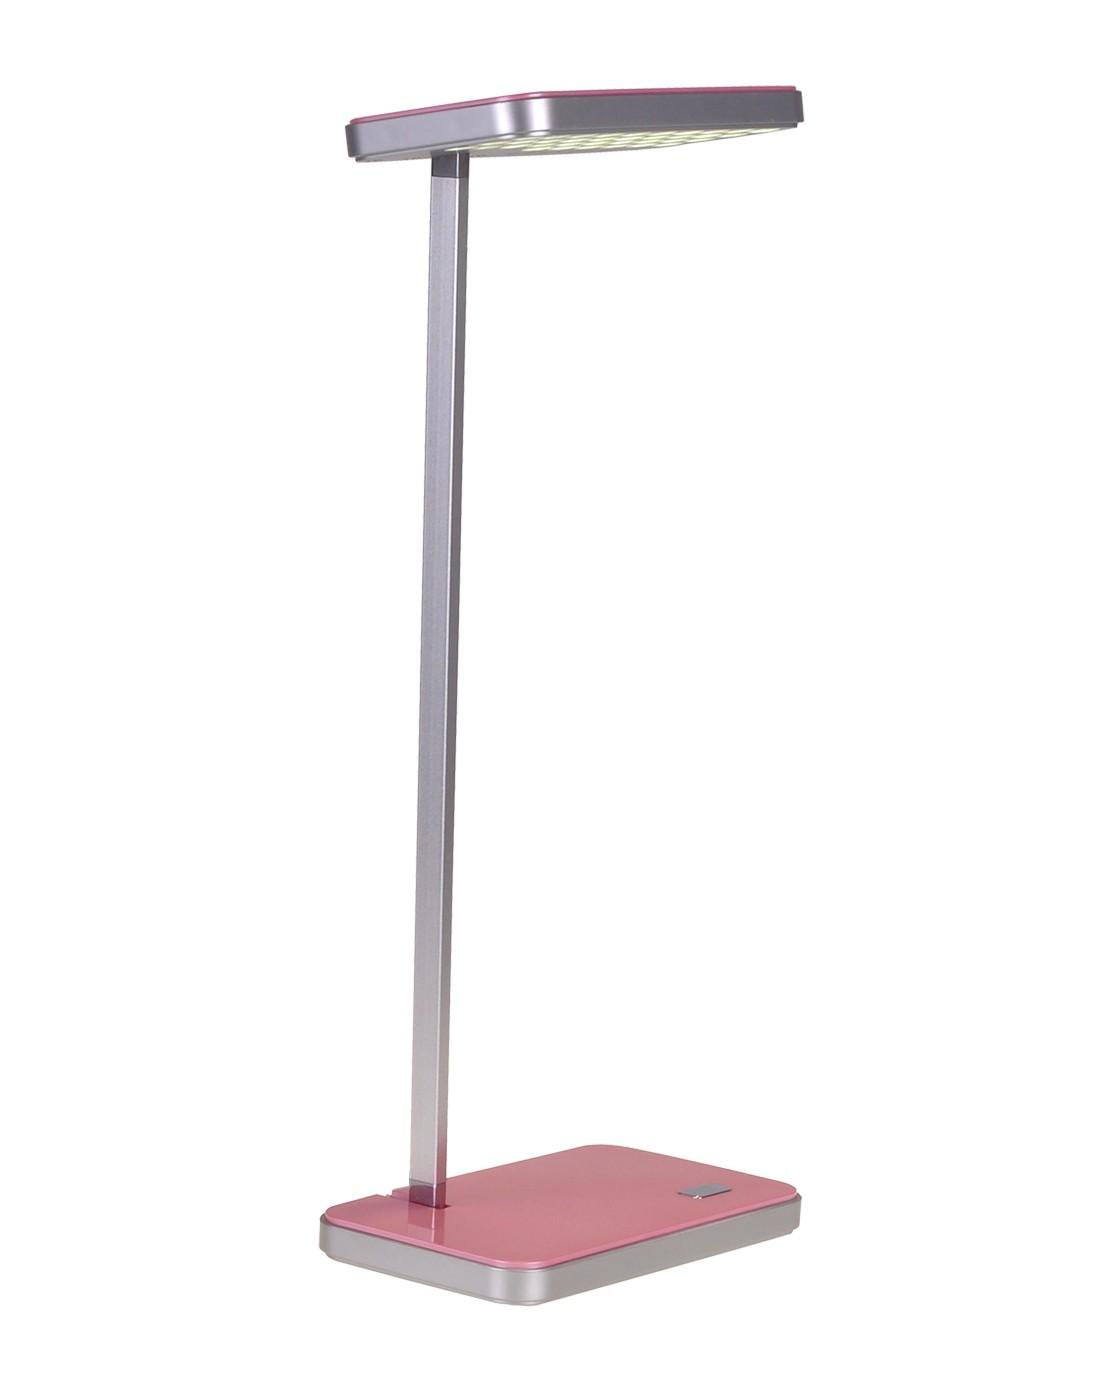 东联灯饰专场儿童学习护眼台灯027系列粉色dlfs02700